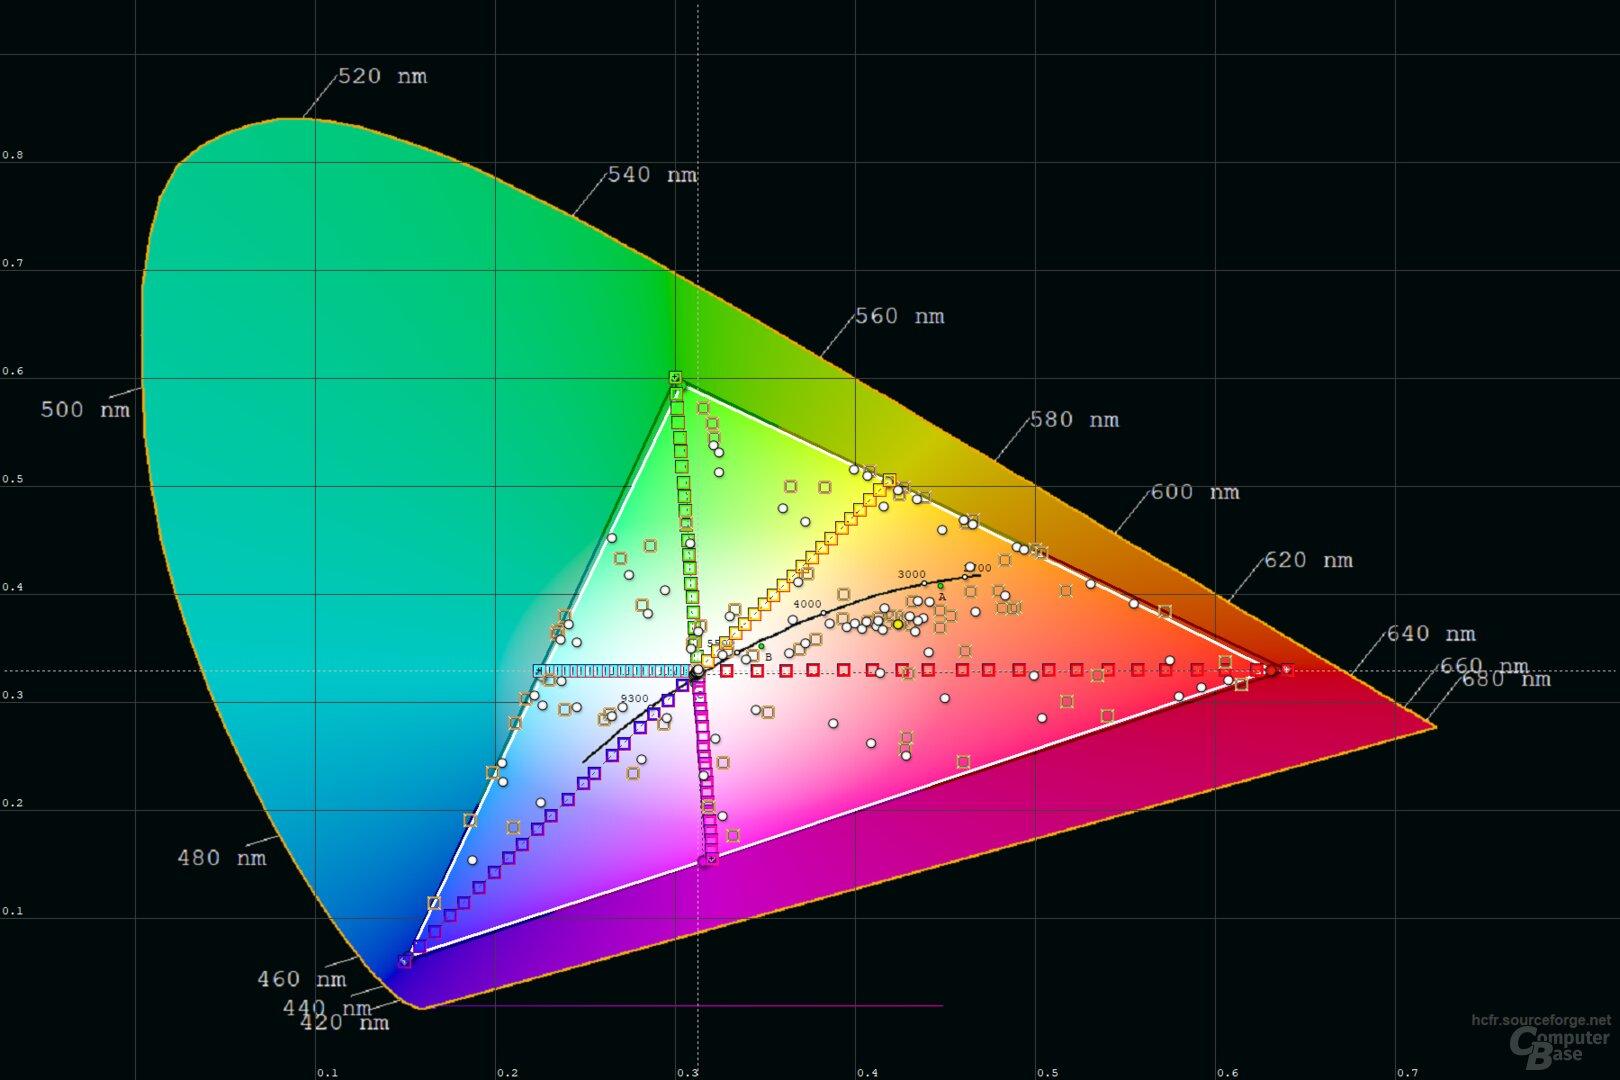 Farbtreue des Acer Predator x38 in HCFR